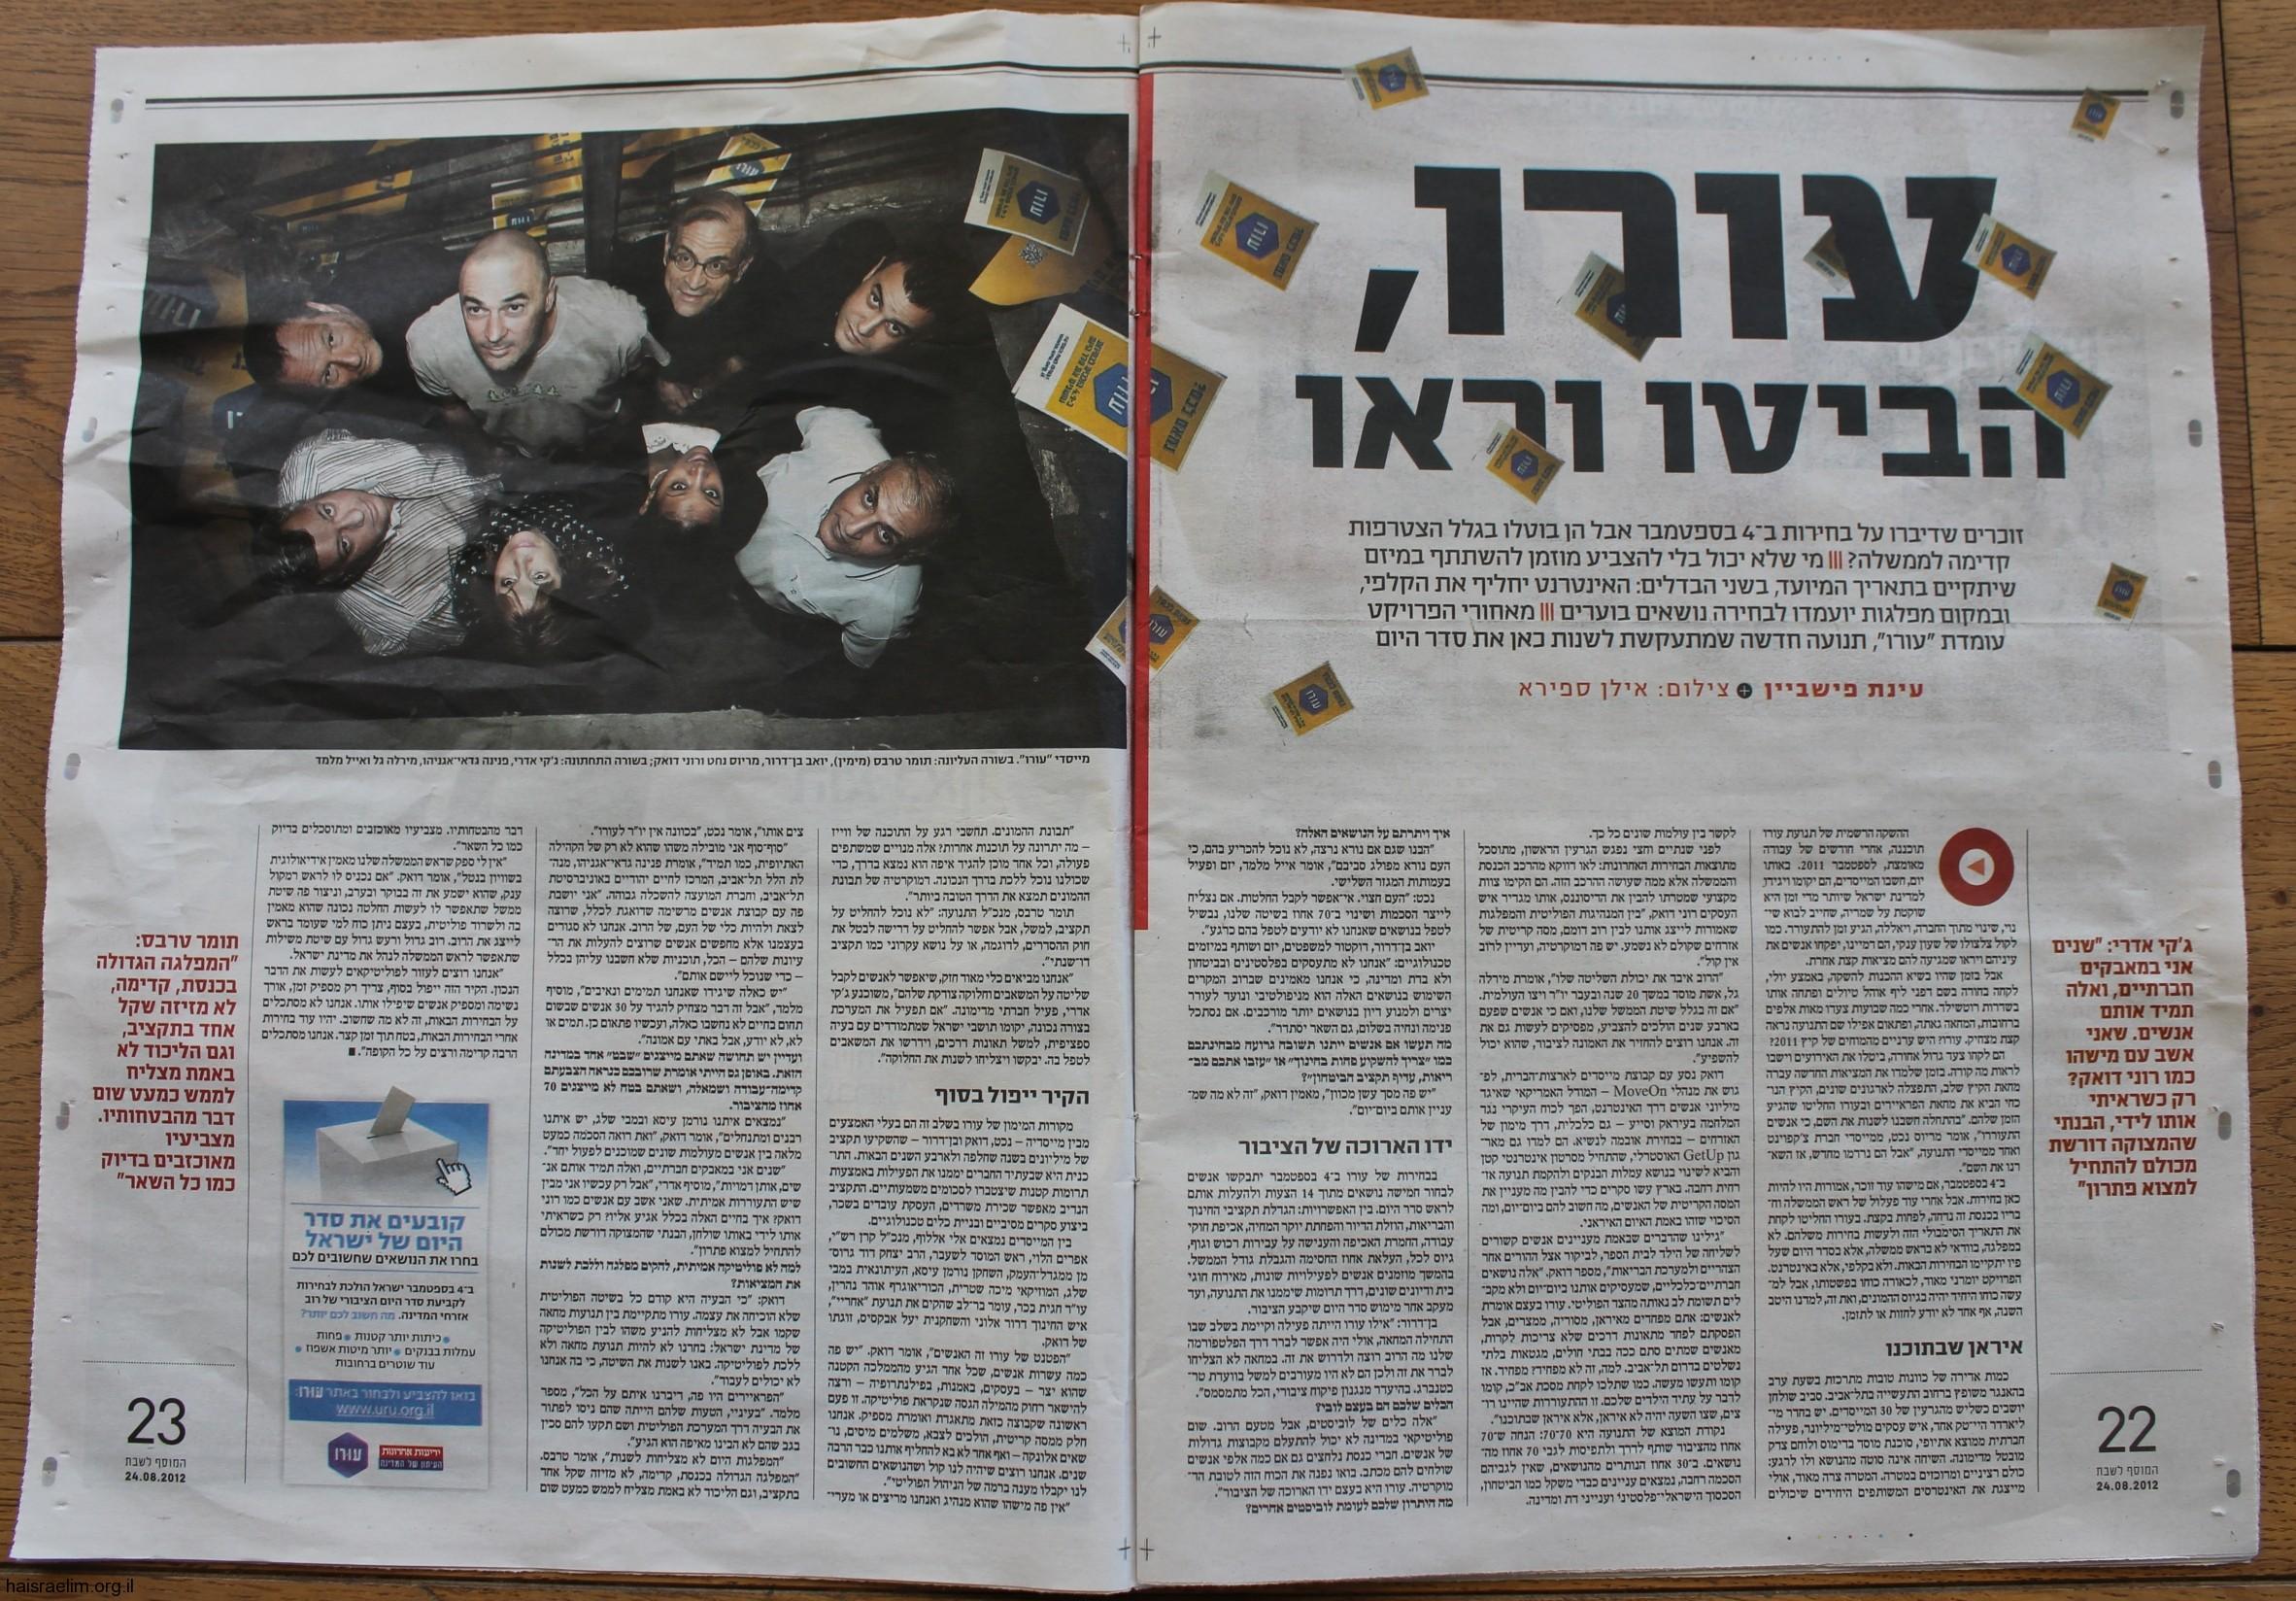 עורו הביטו וראו - ידיעות אחרונות - 24.8.2012